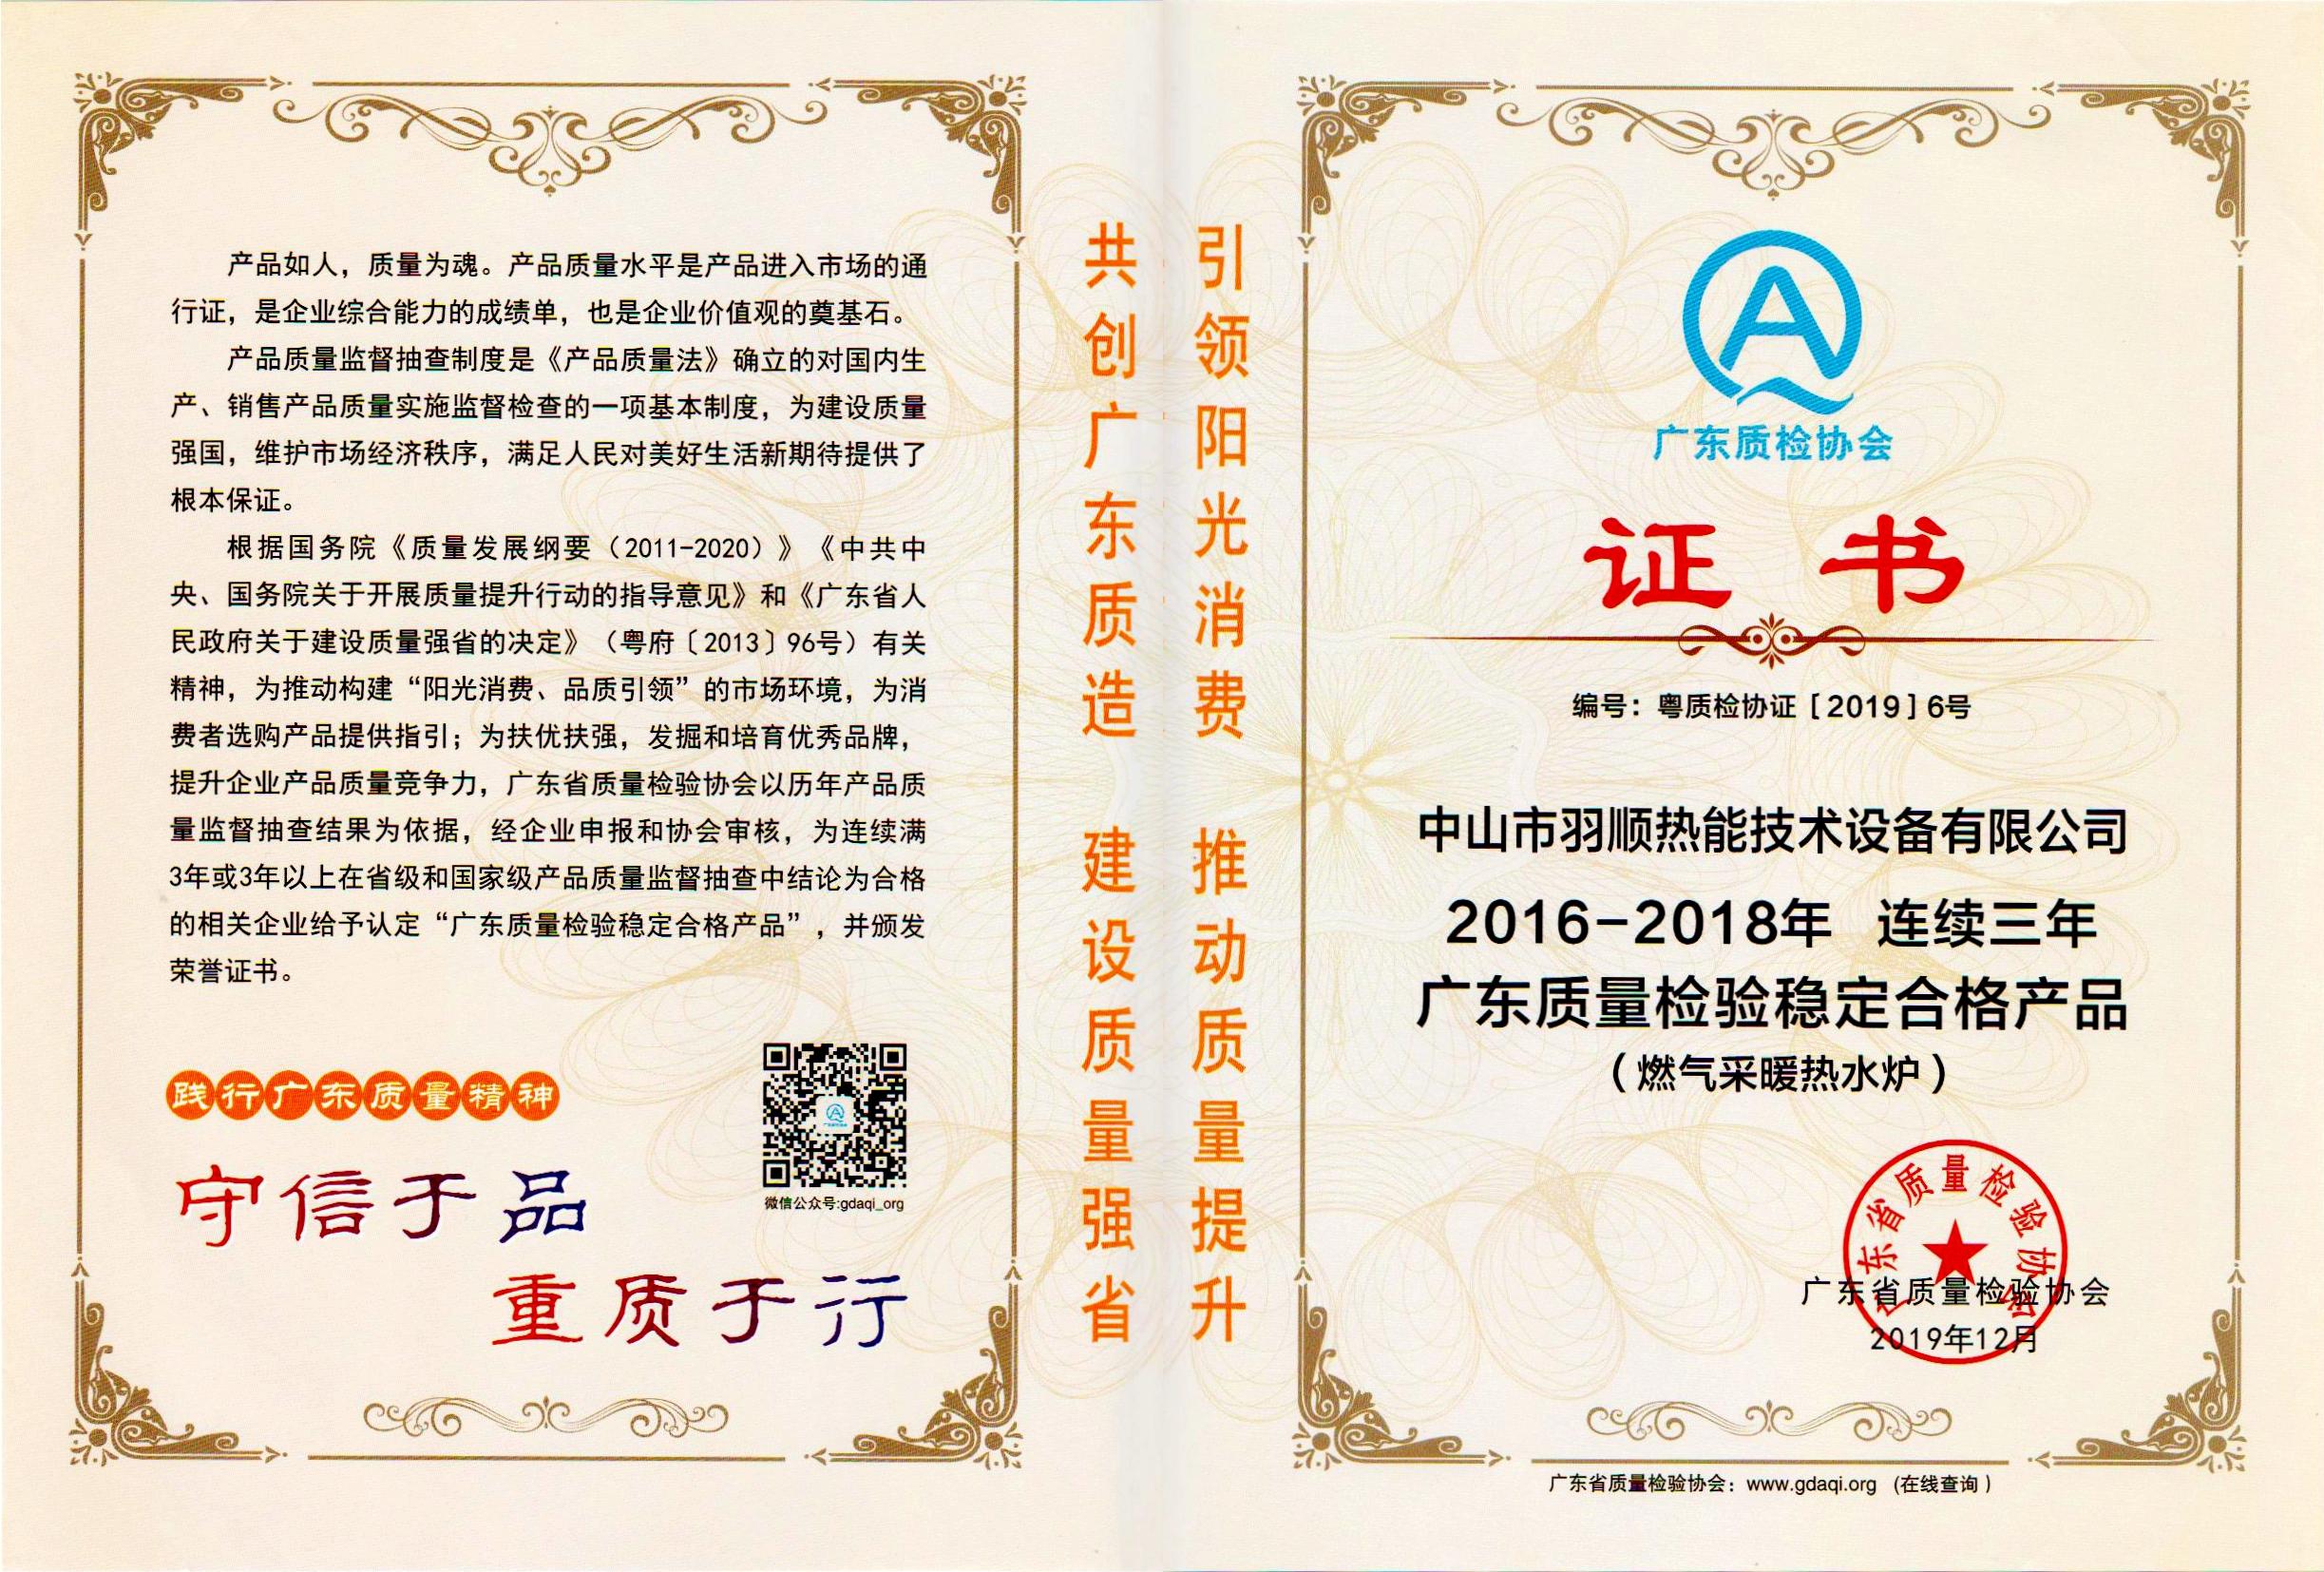 2016-2018年连续三年广东质量检验稳定合格产品